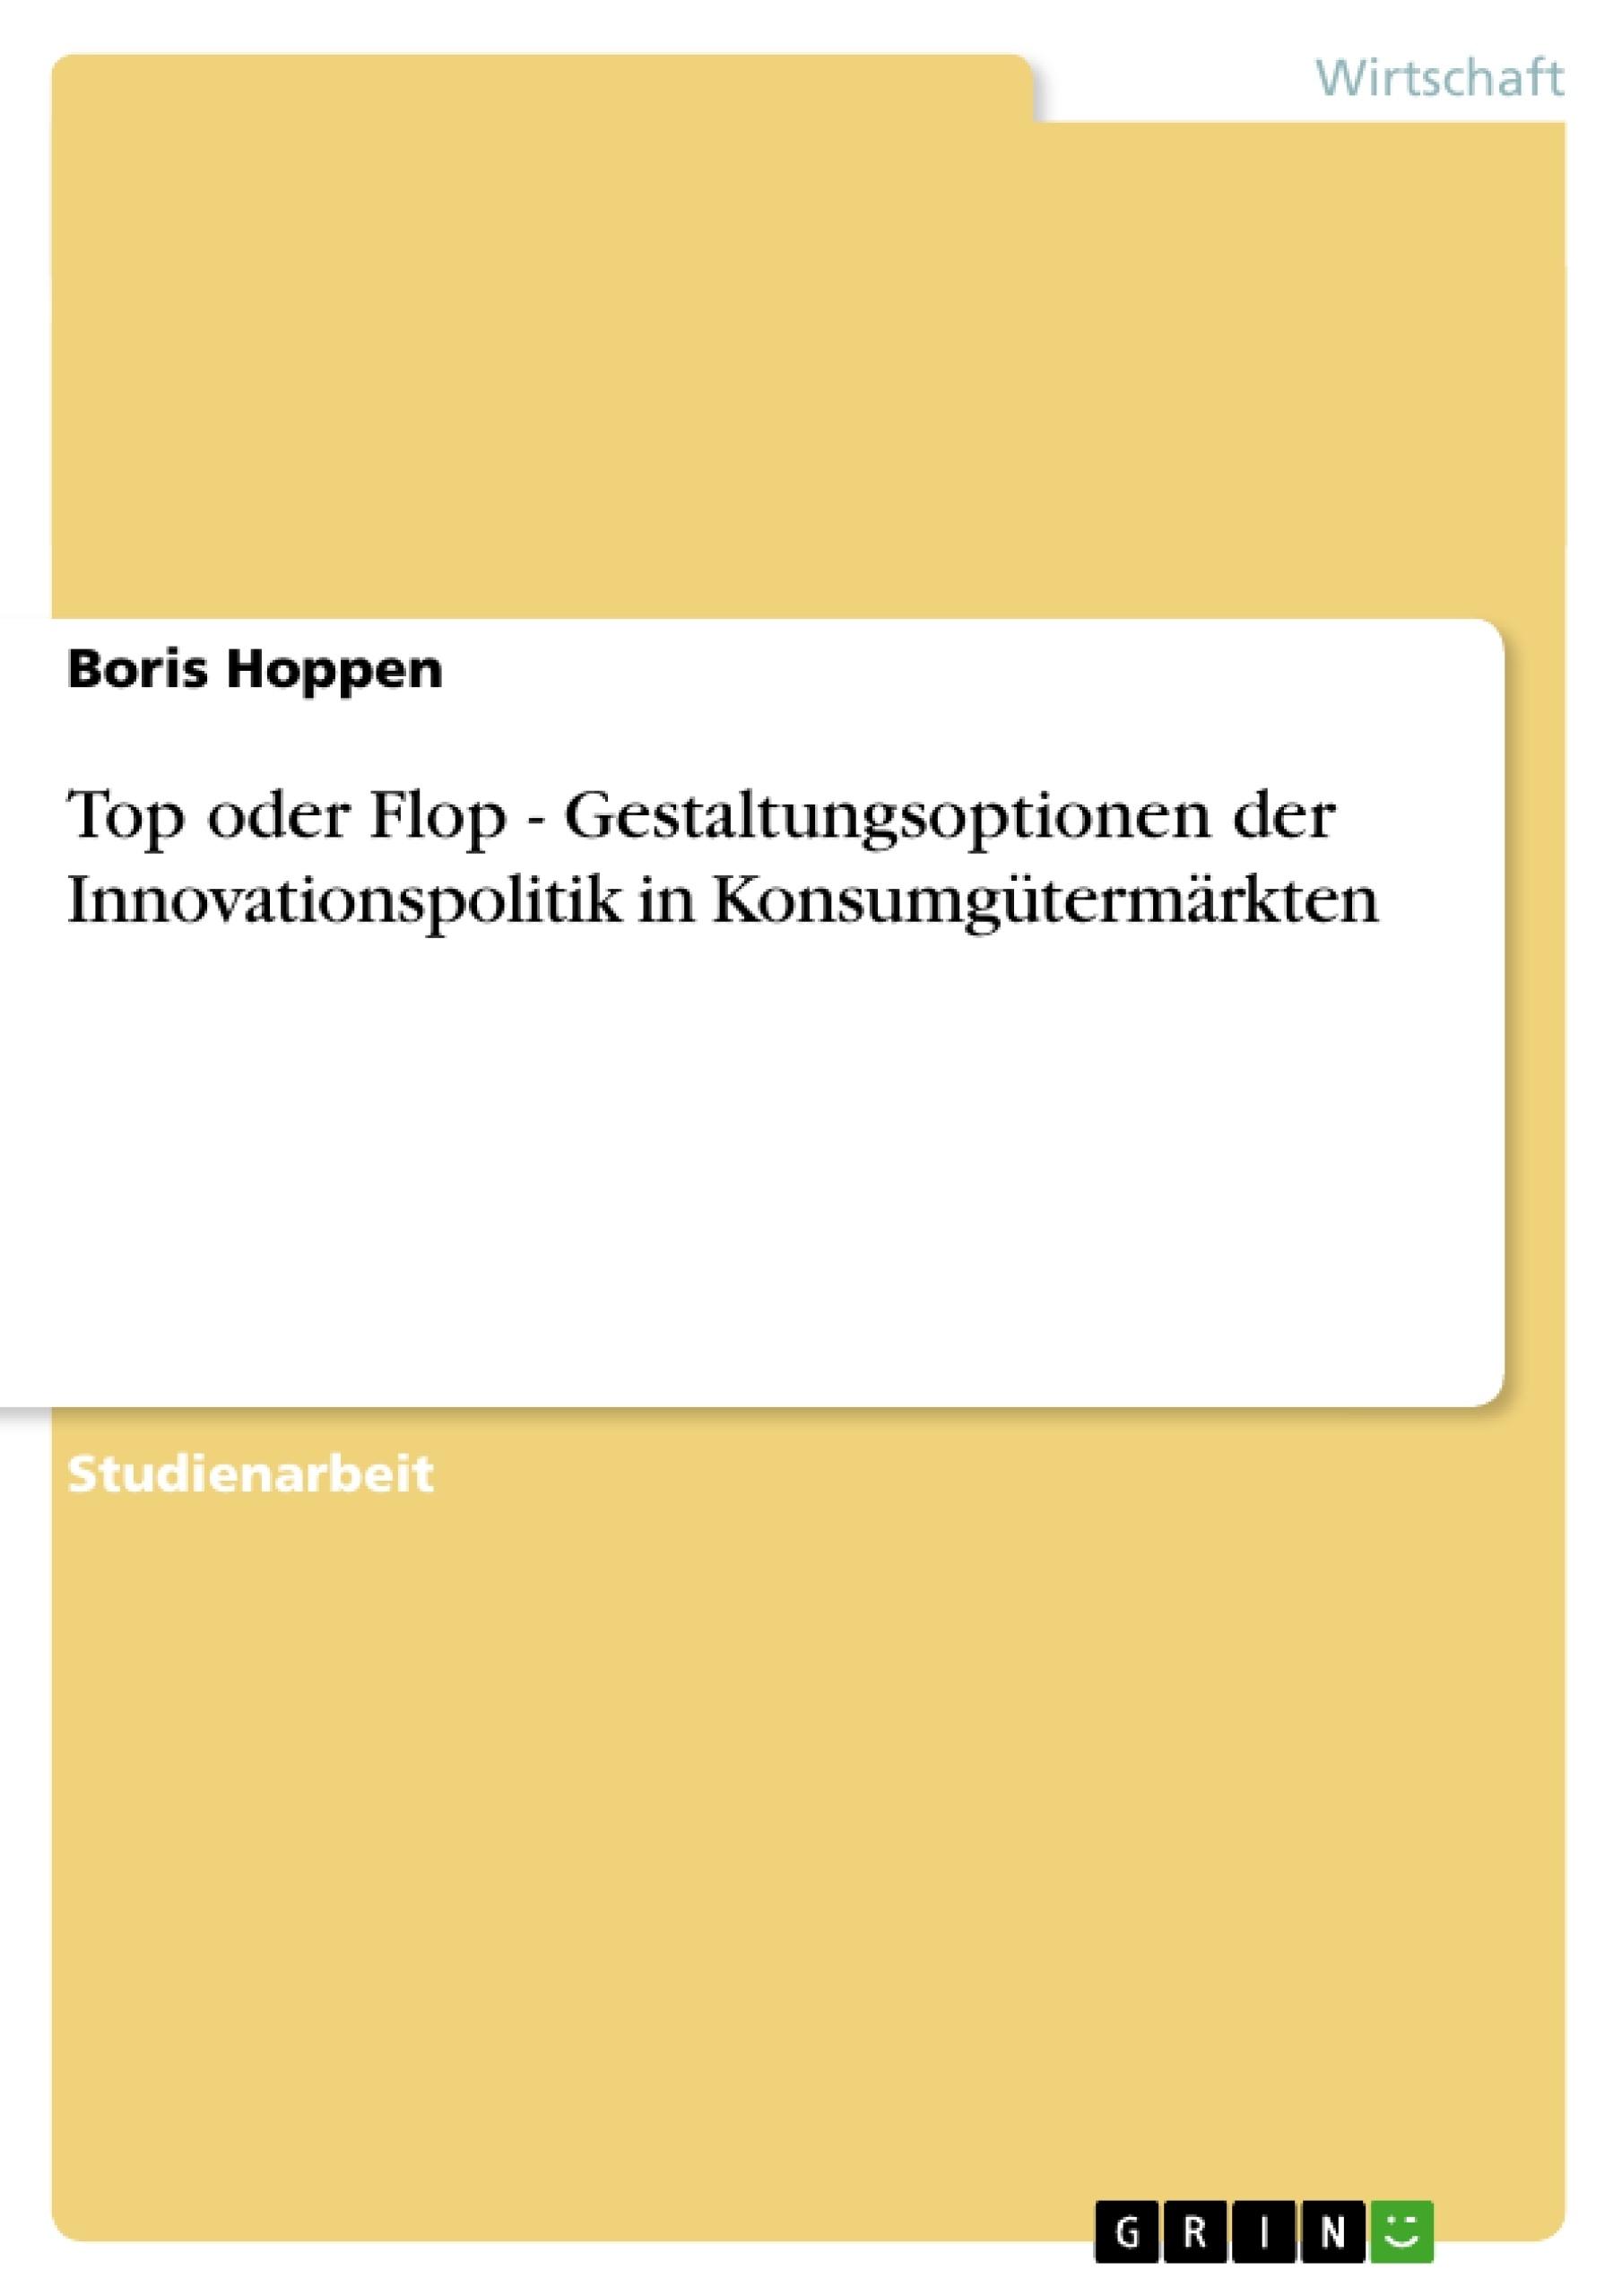 Titel: Top oder Flop - Gestaltungsoptionen der Innovationspolitik in Konsumgütermärkten